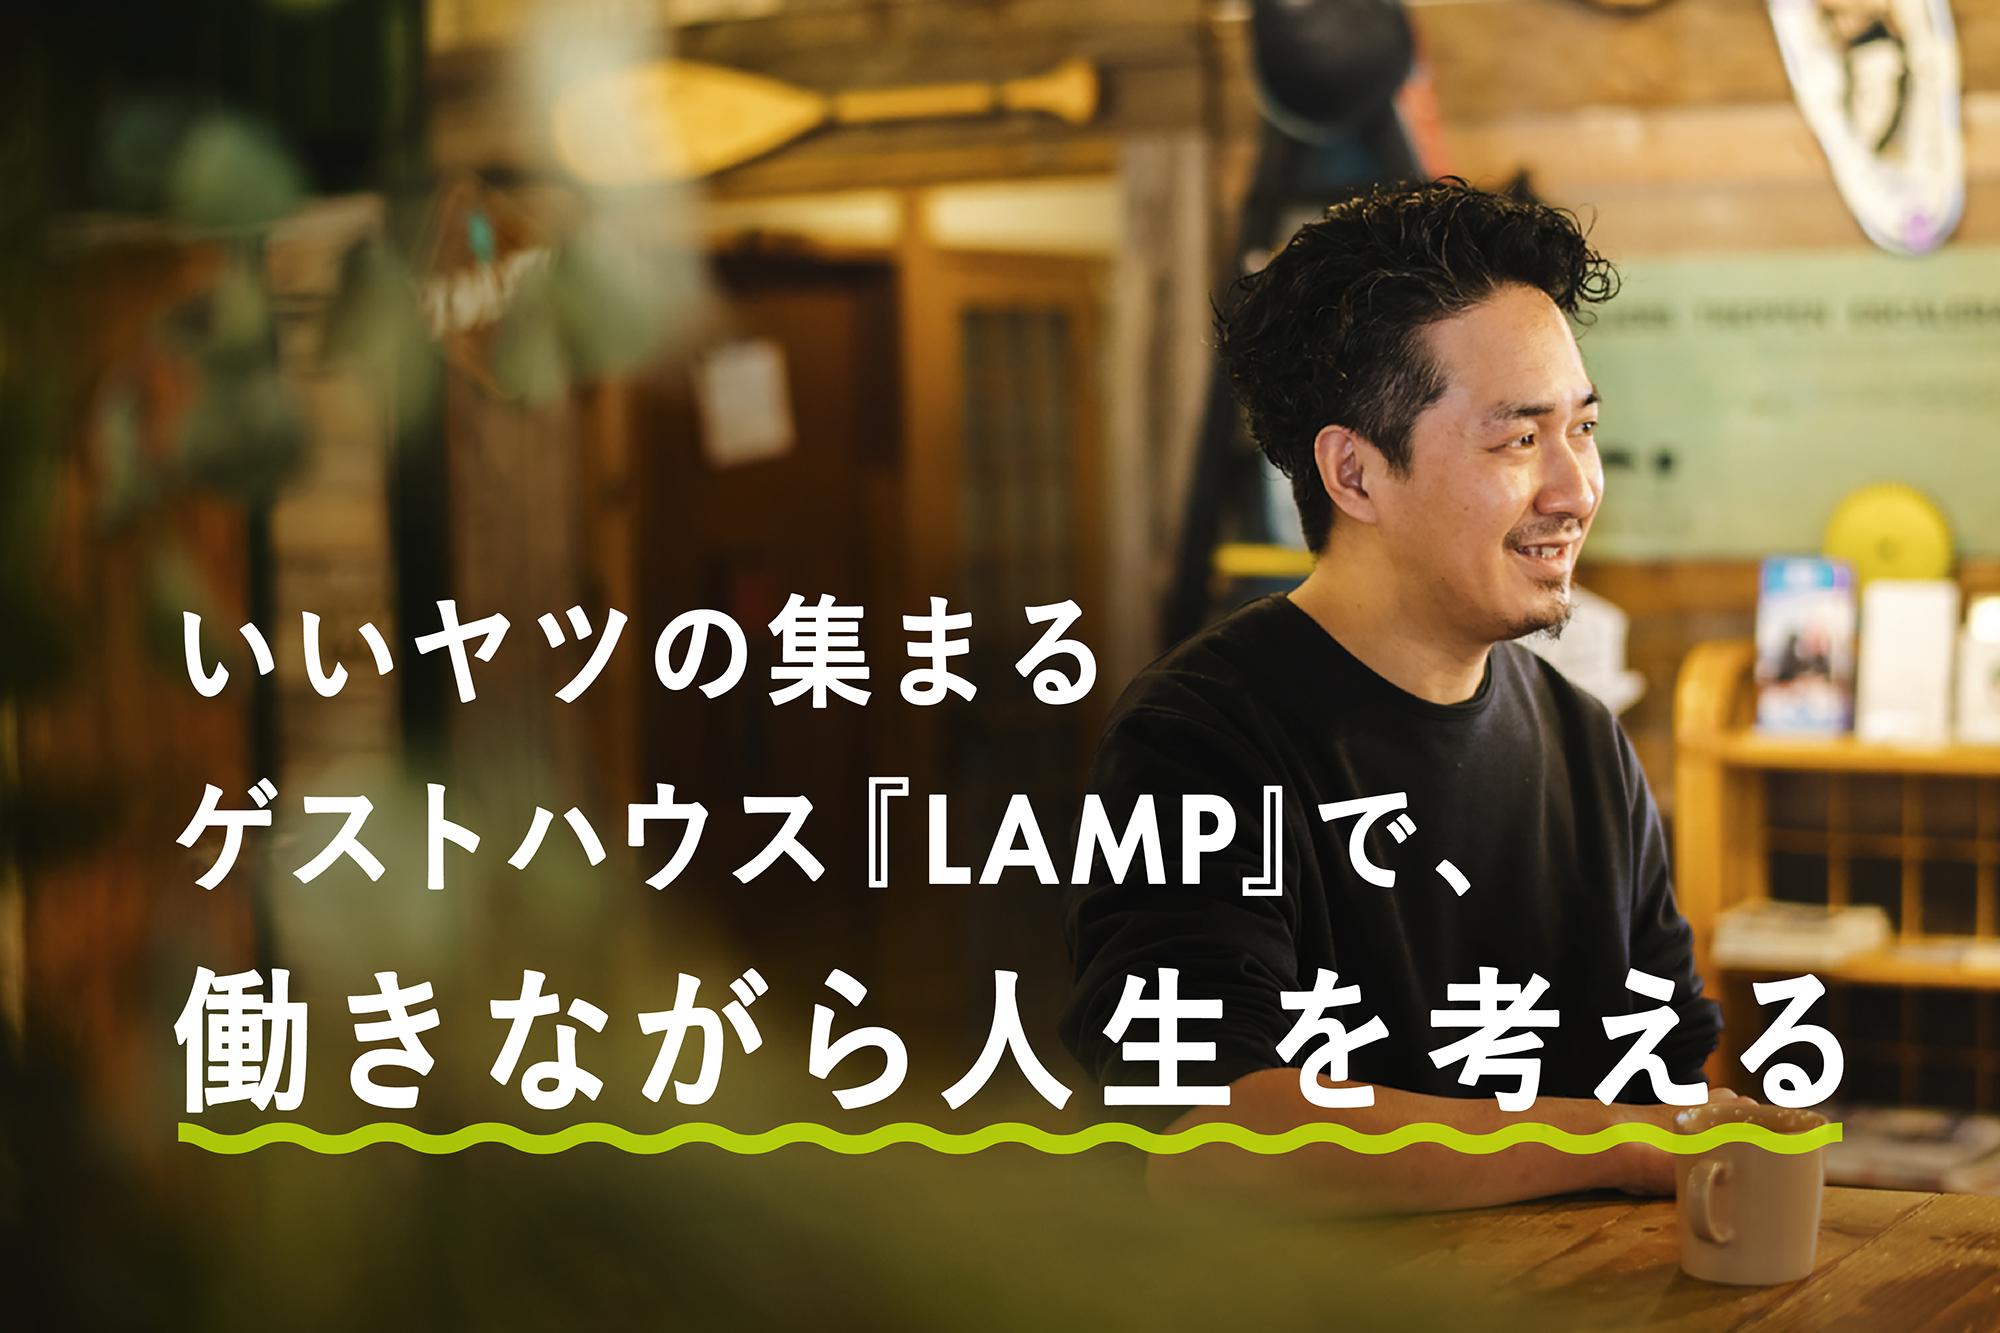 いいヤツの集まるゲストハウス『LAMP』で、働きながら人生を考える